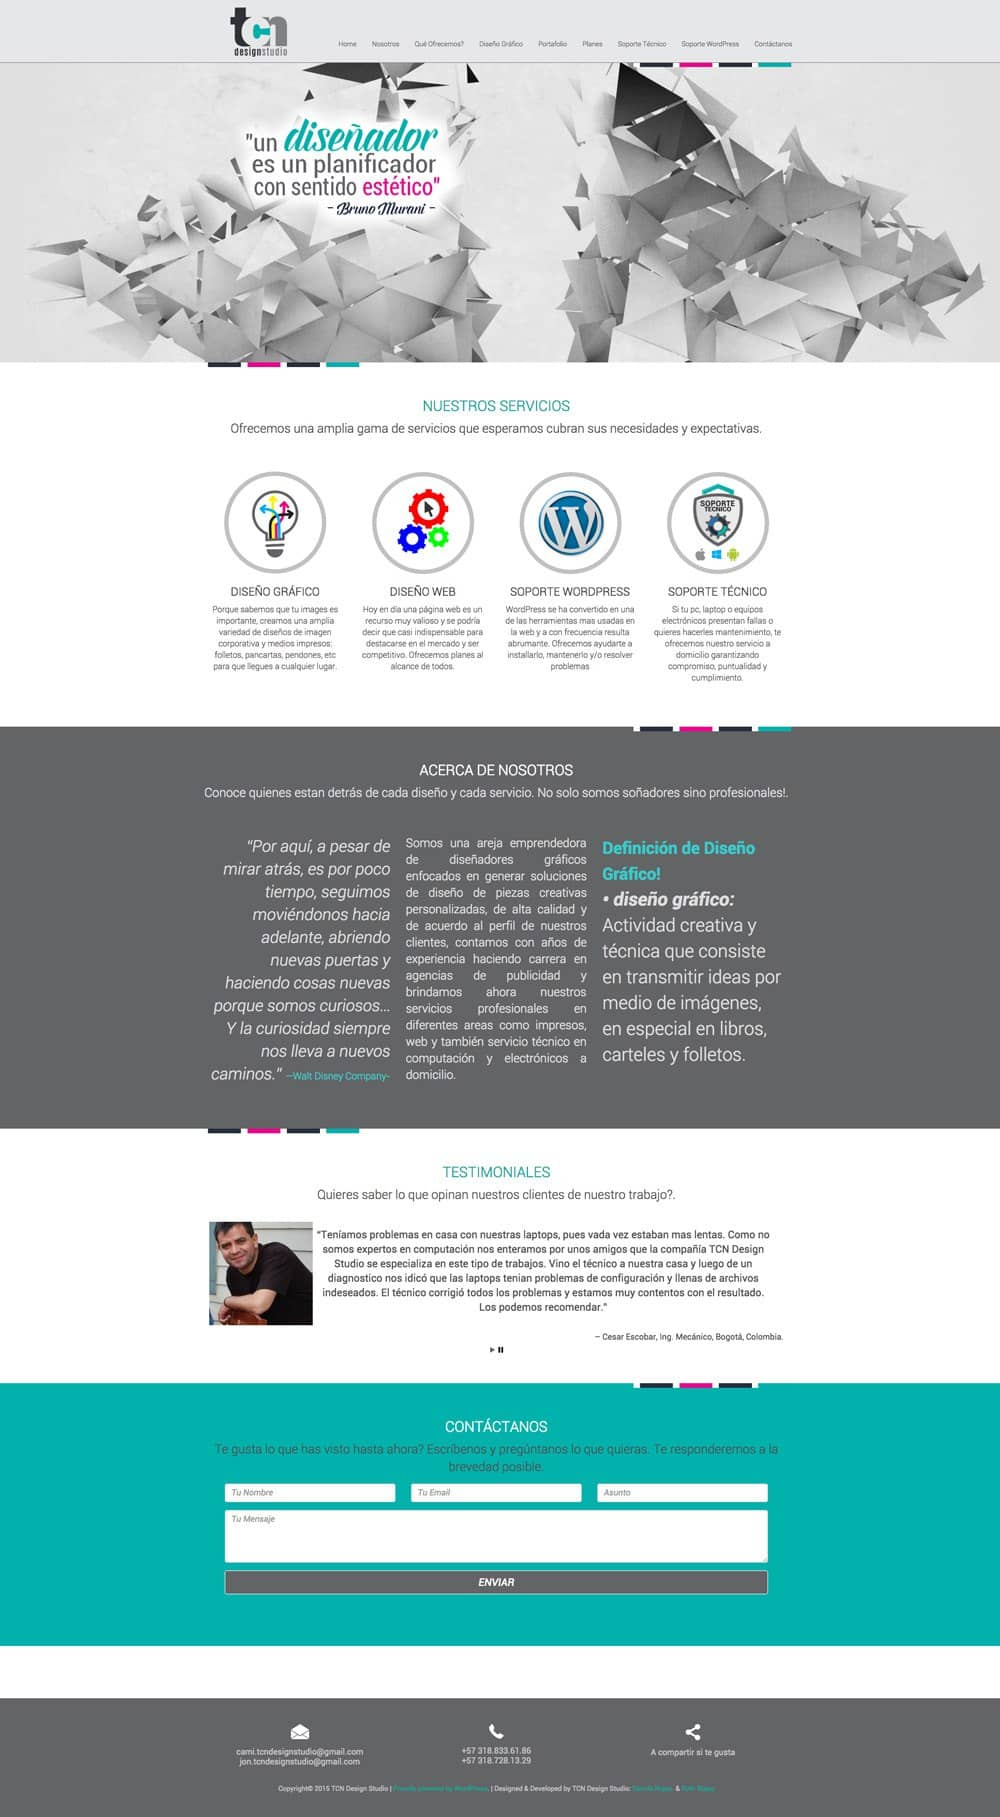 TCNDS-Blog-Web-Design